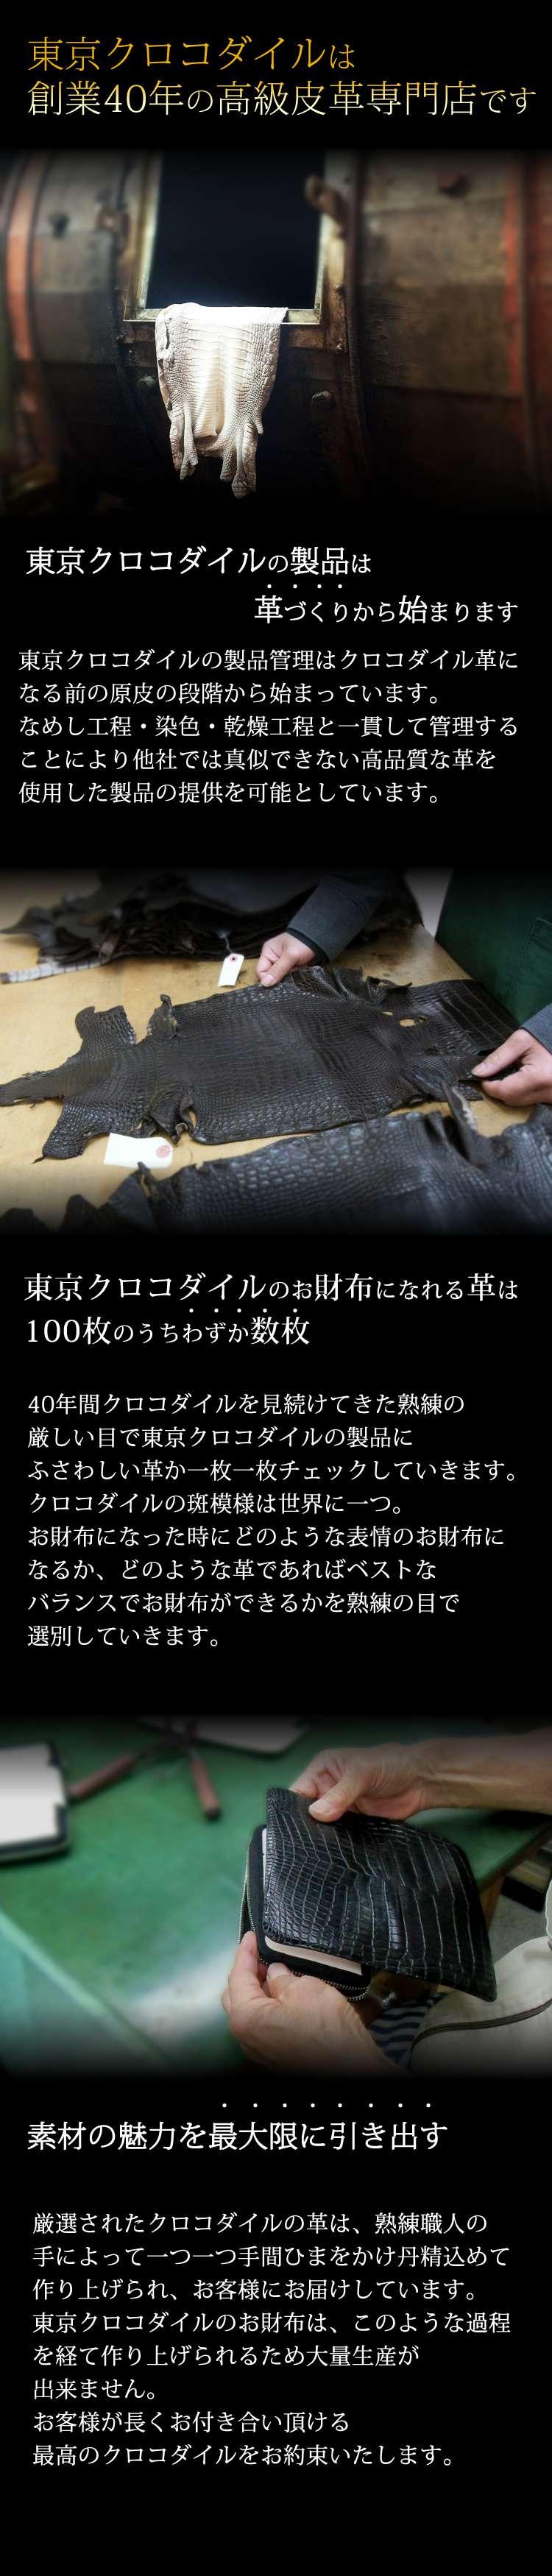 67f2b343841c 東京クロコダイルの強みは『オーナー様にご納得いただける確かなクオリティ』です。 当社は海外現地ファームとの商談、原皮の輸入から染色の手配、デザイン、裁断、  ...